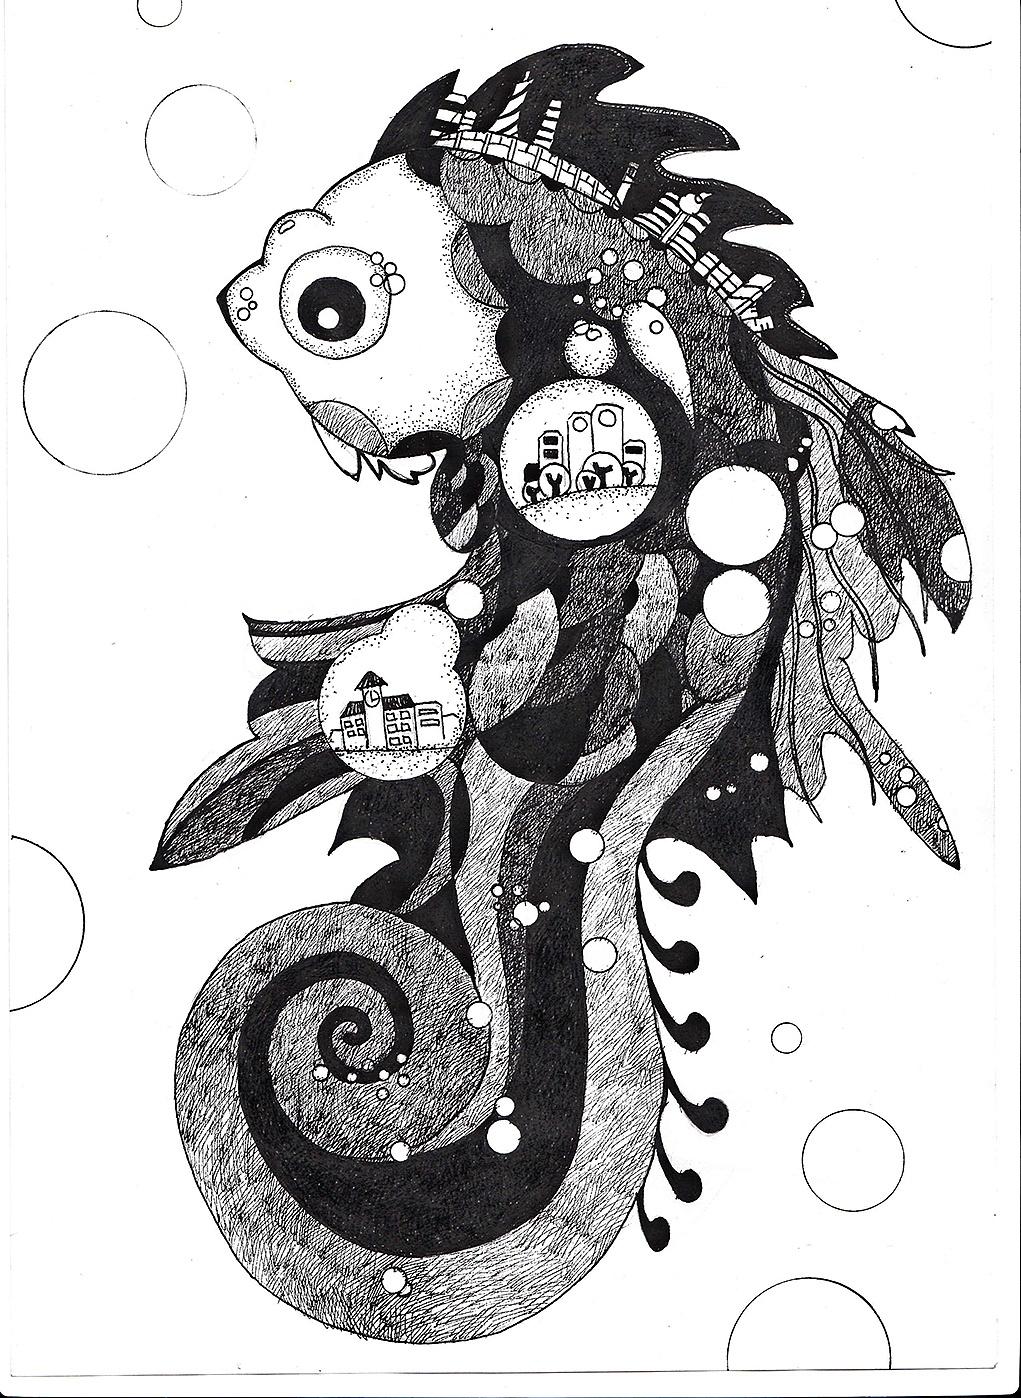 概念插画系列——黑白手绘|插画|商业插画|黄晴雨